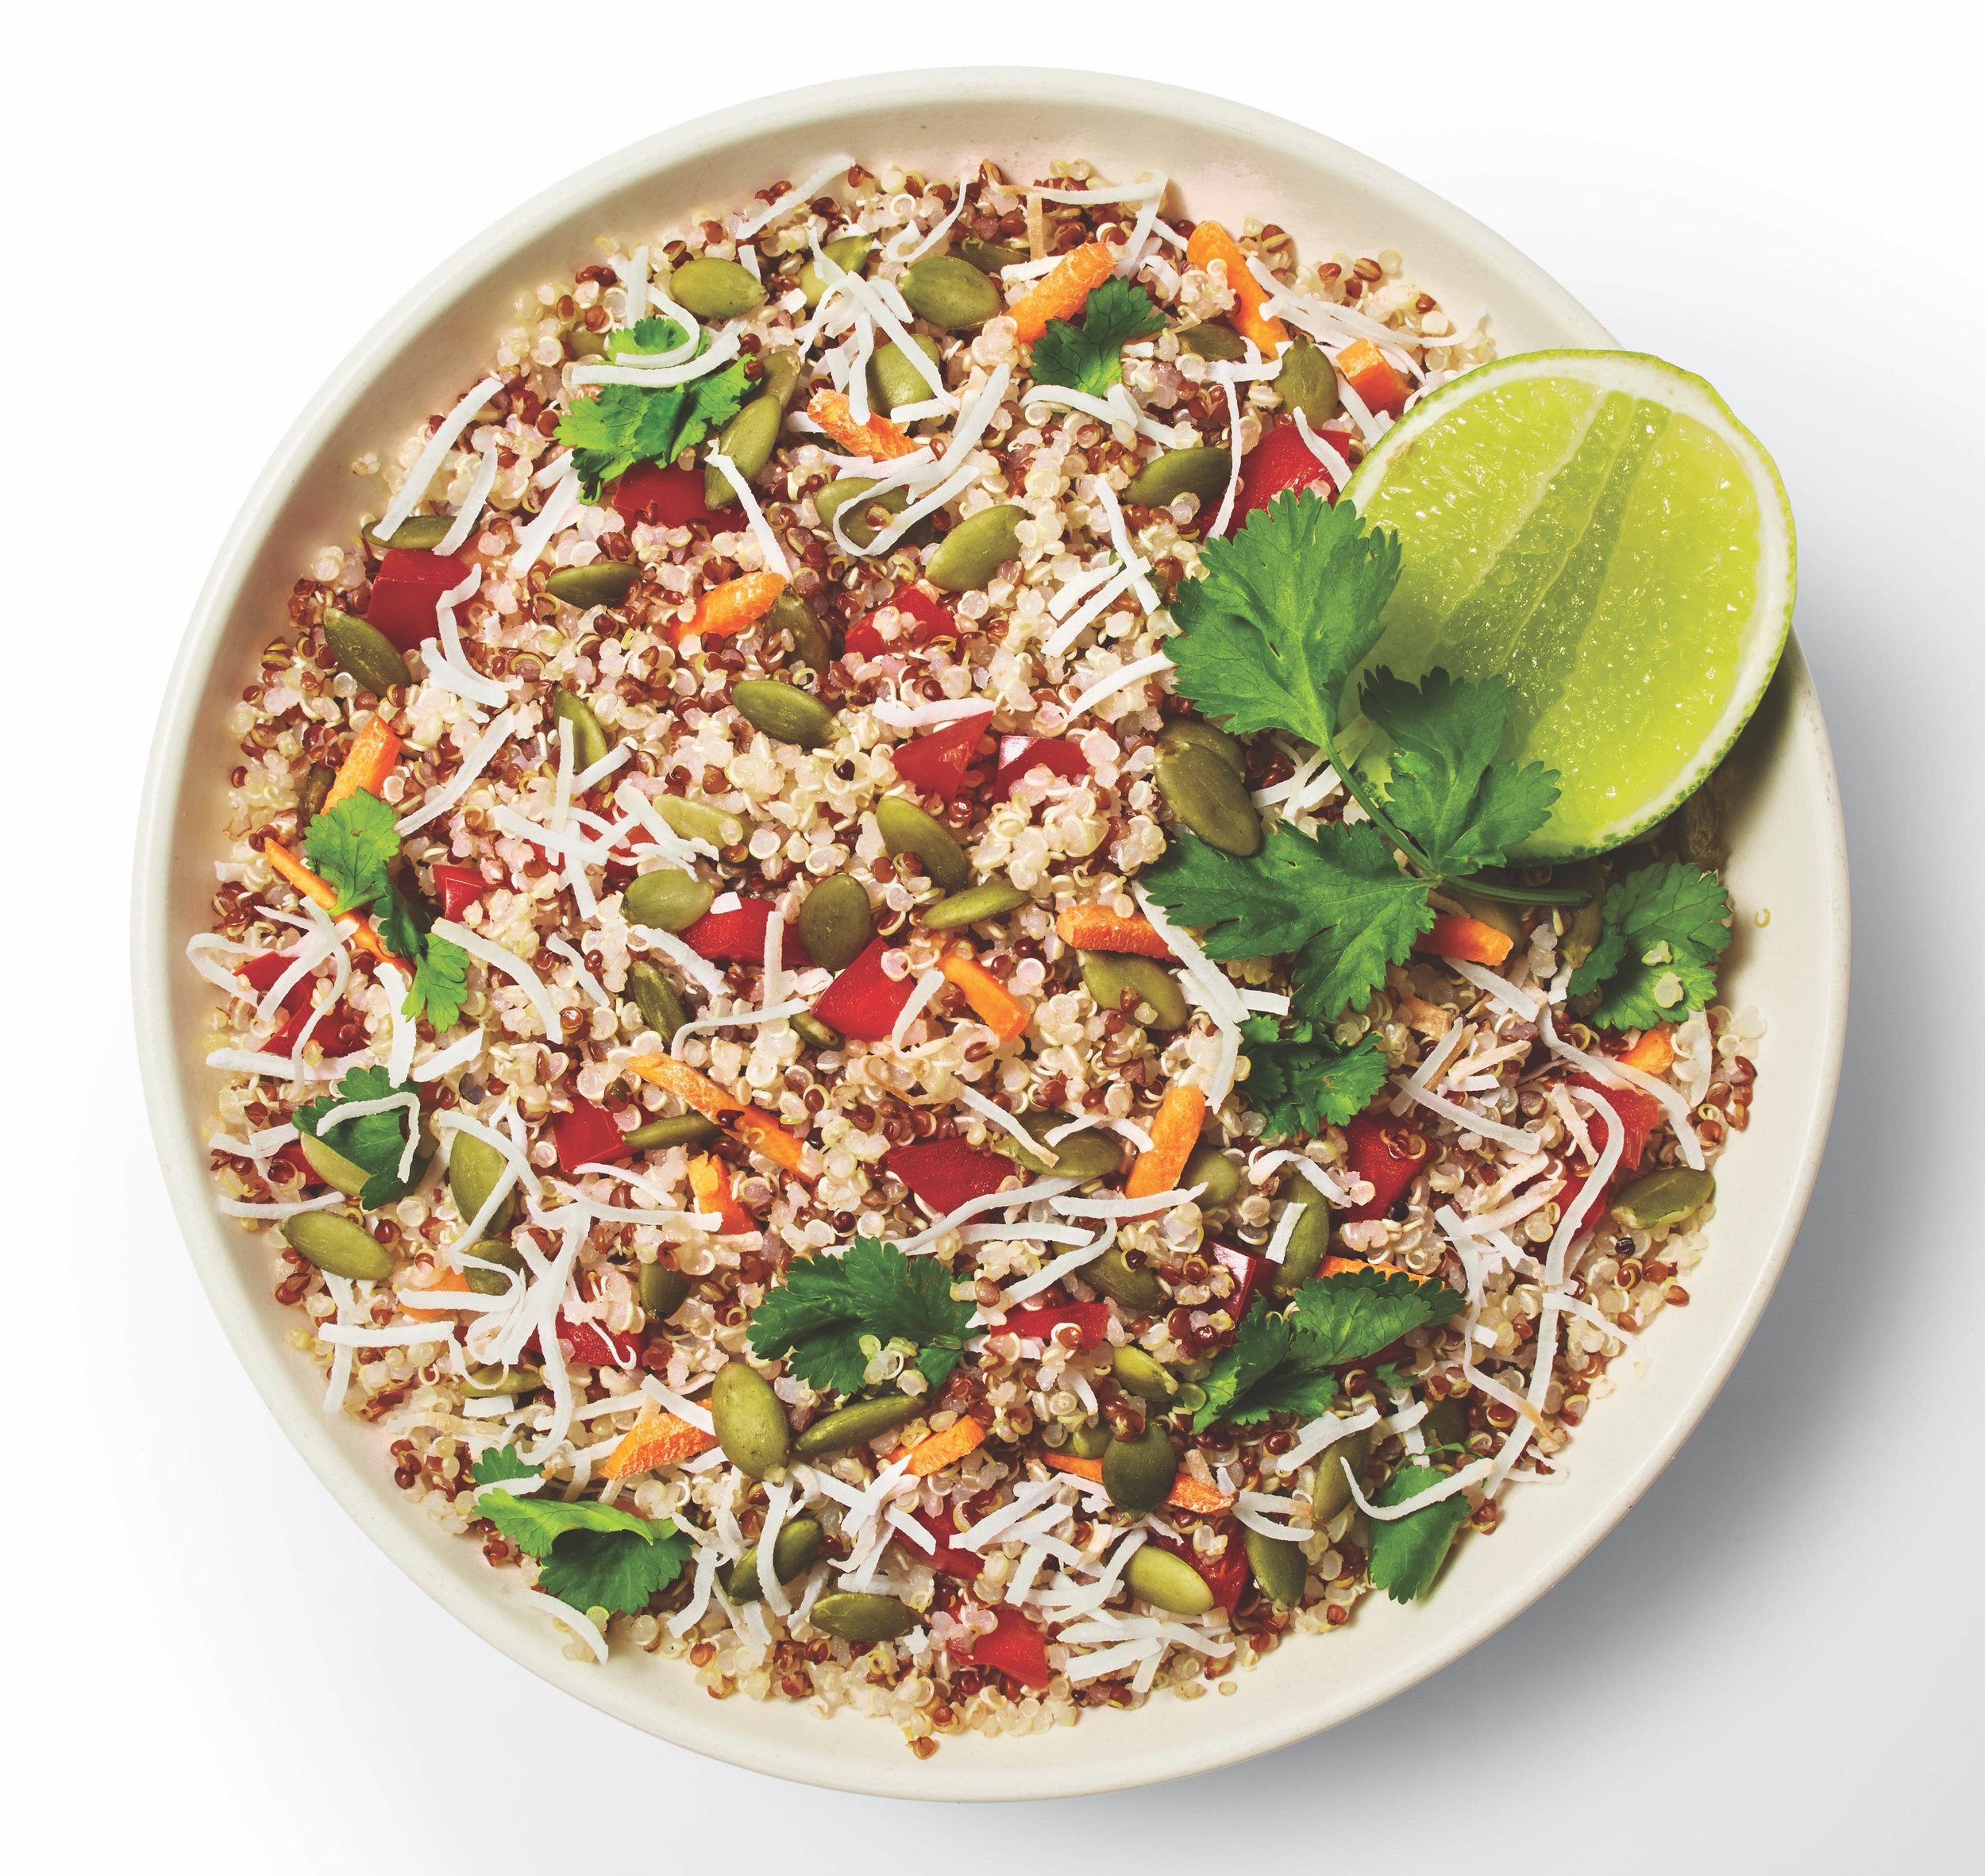 Salad_Plate2.jpg